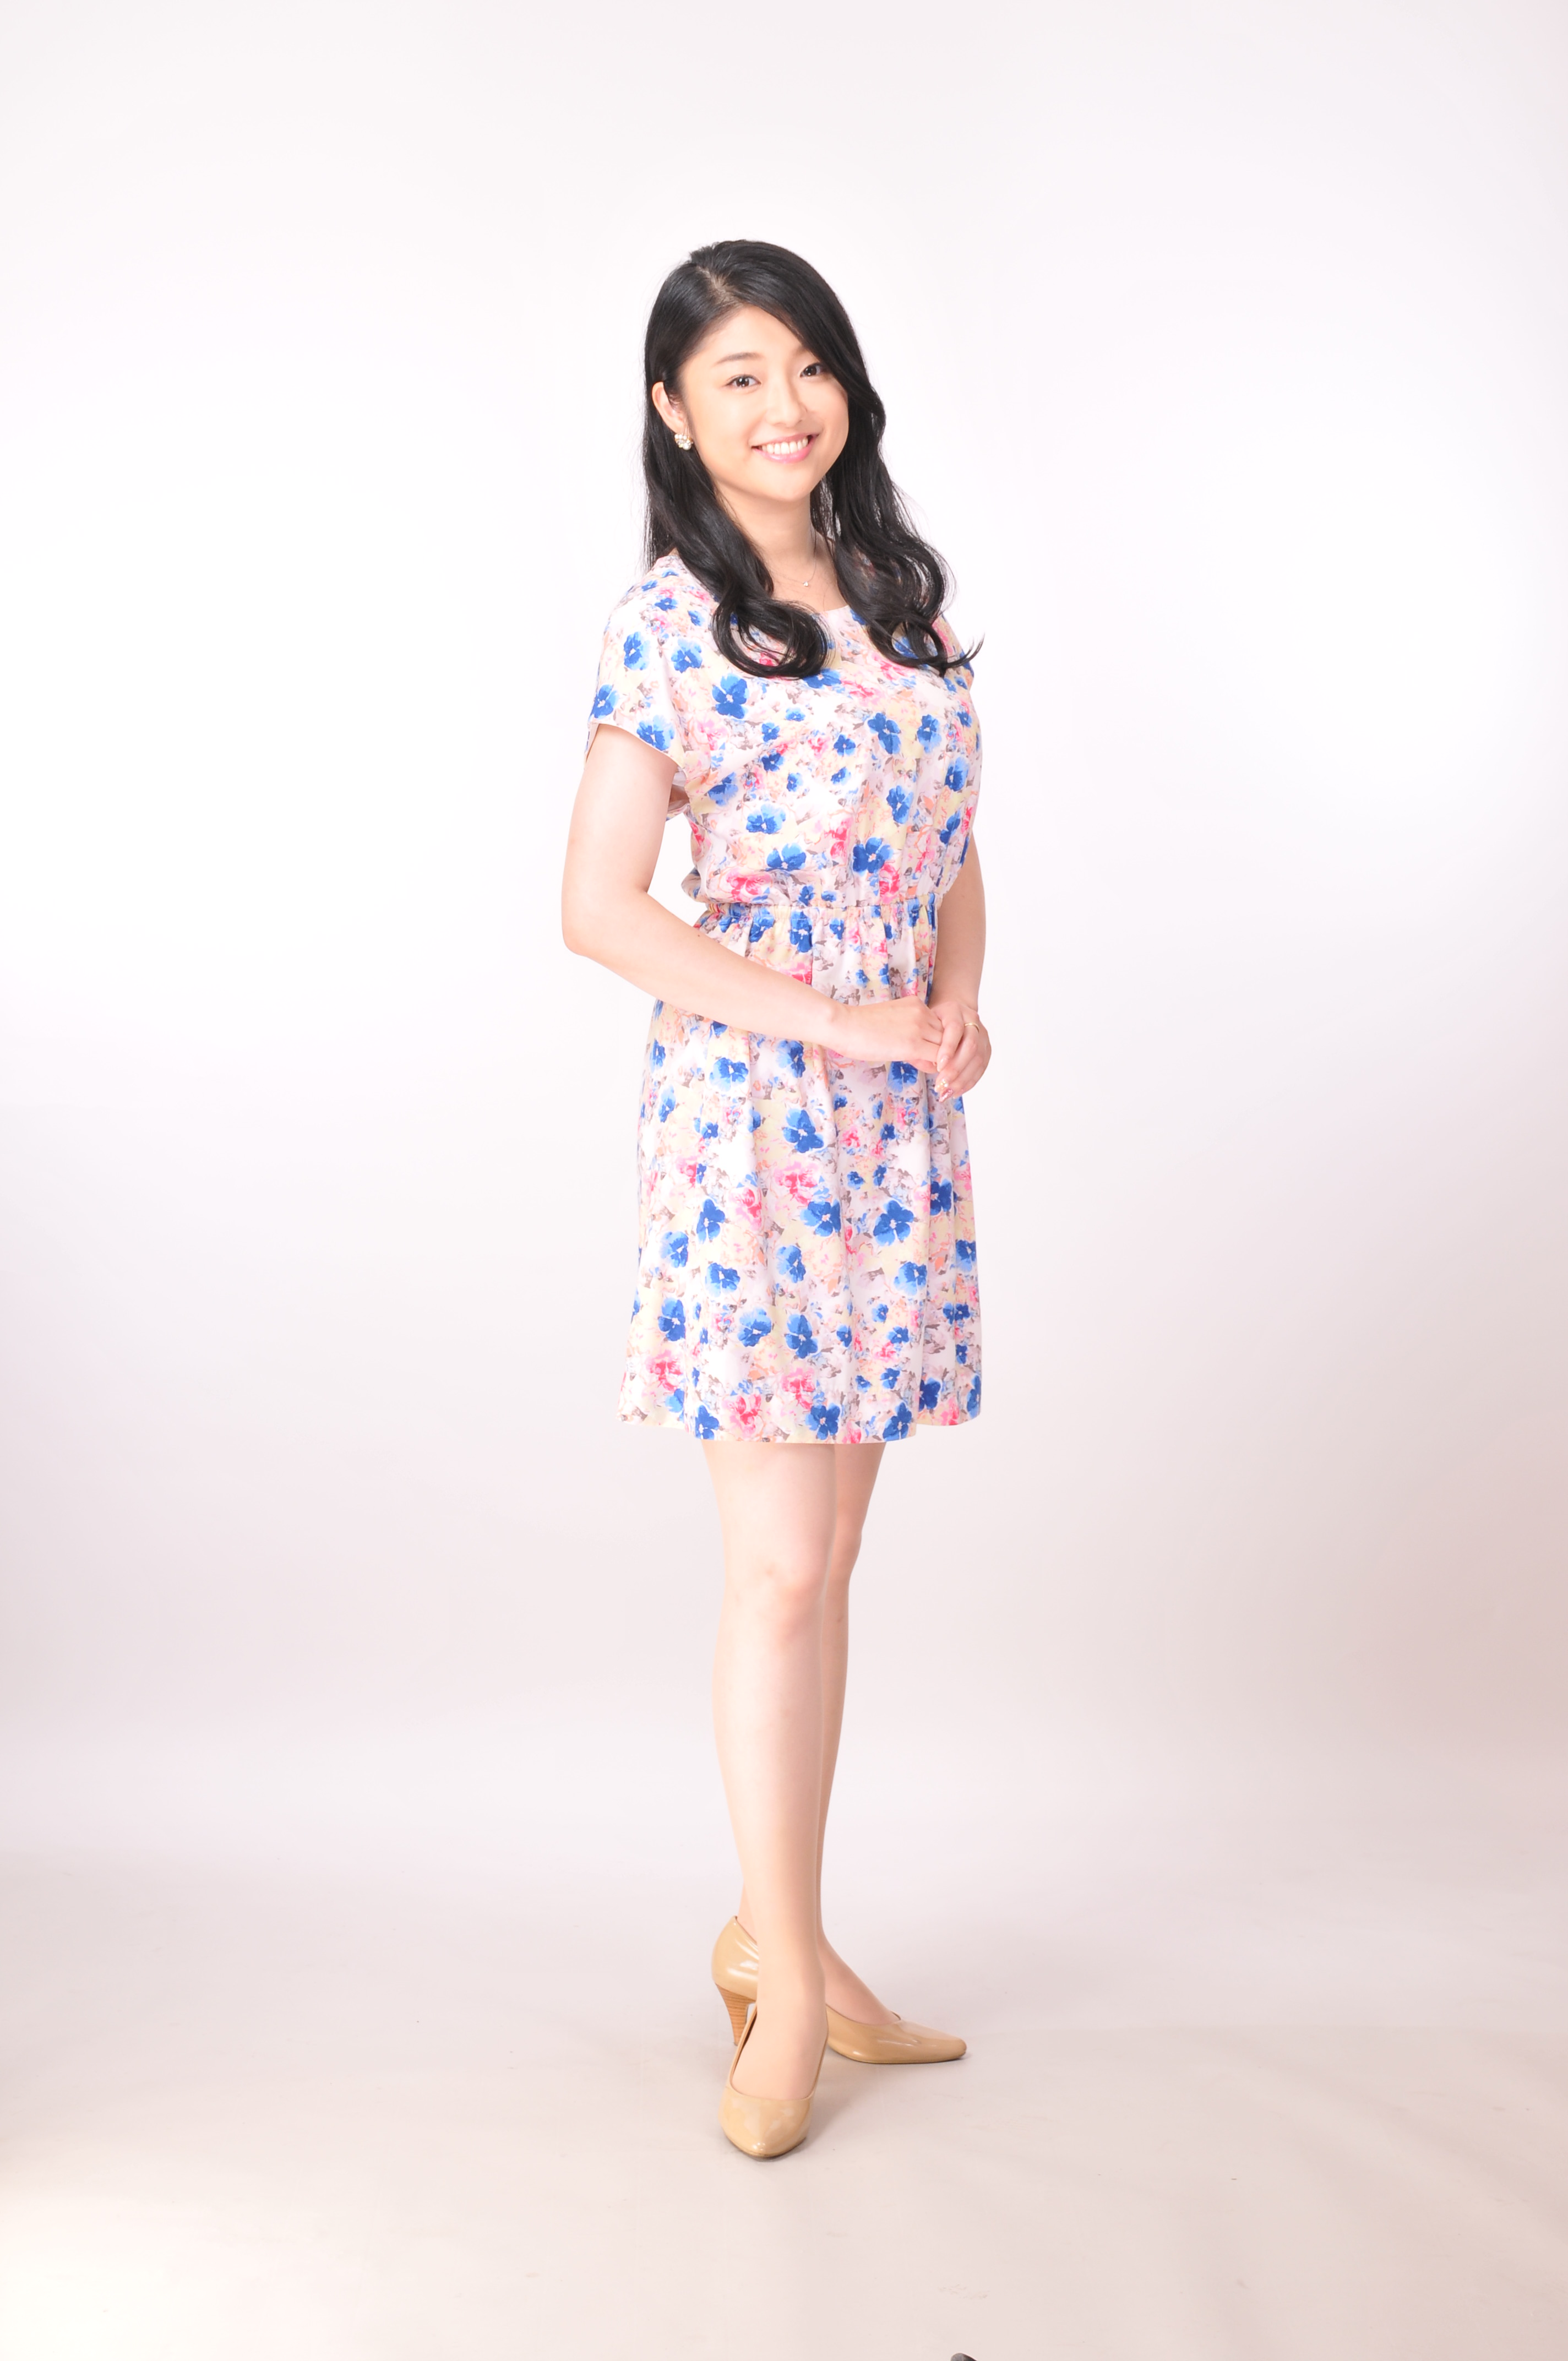 菊野理沙3